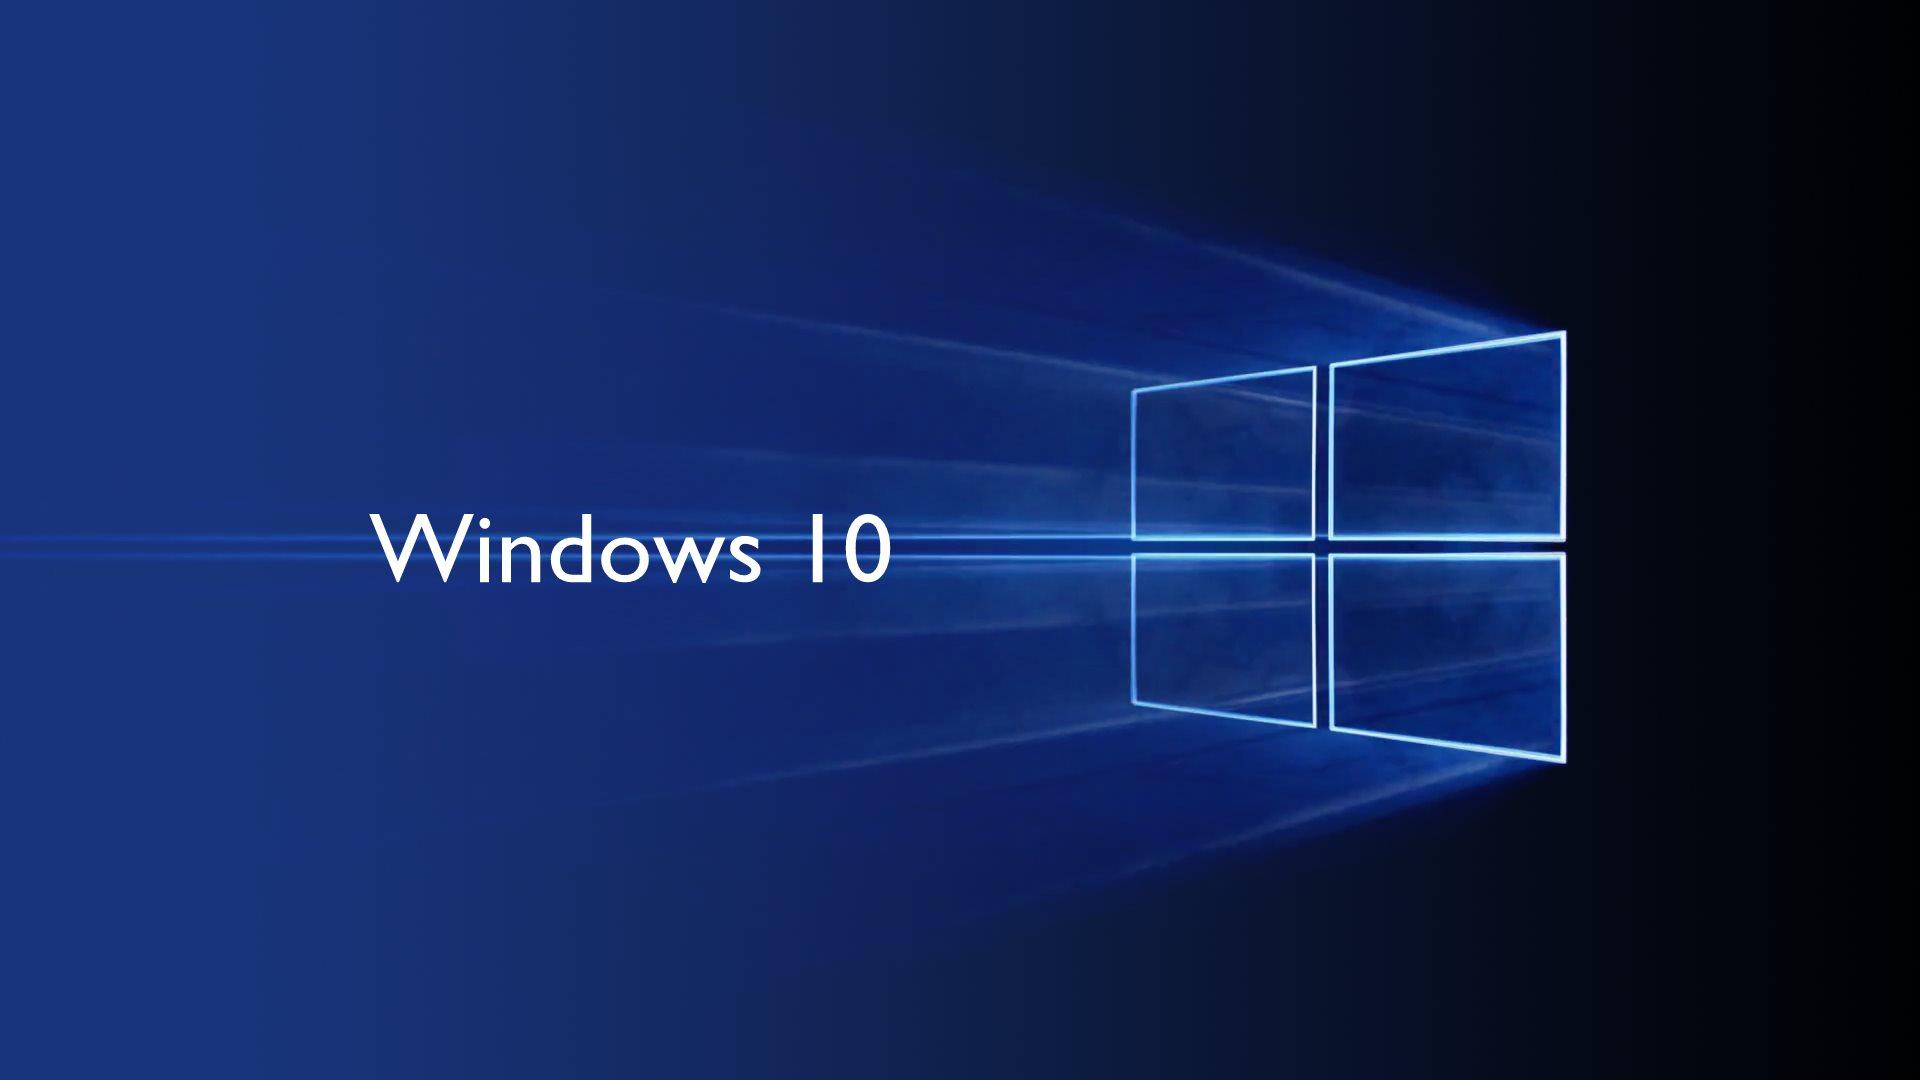 Universele Windows 10 versie Klaverjas HD beschikbaar